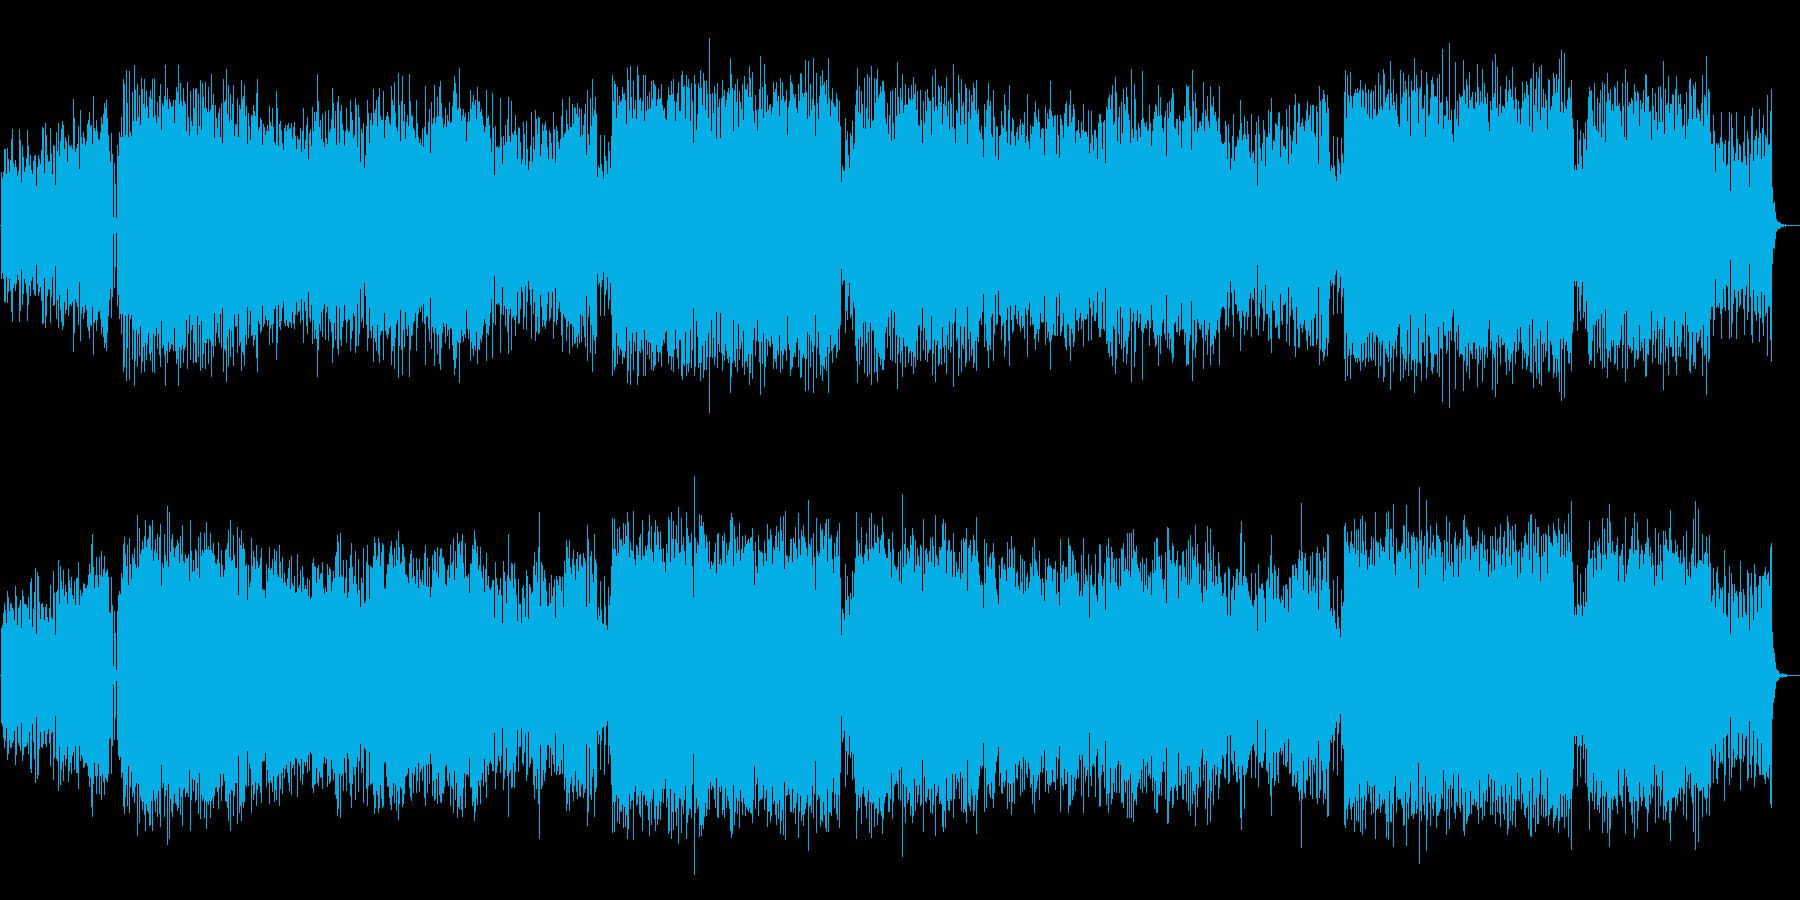 生演奏アコギ・前向き・疾走感・近未来の再生済みの波形